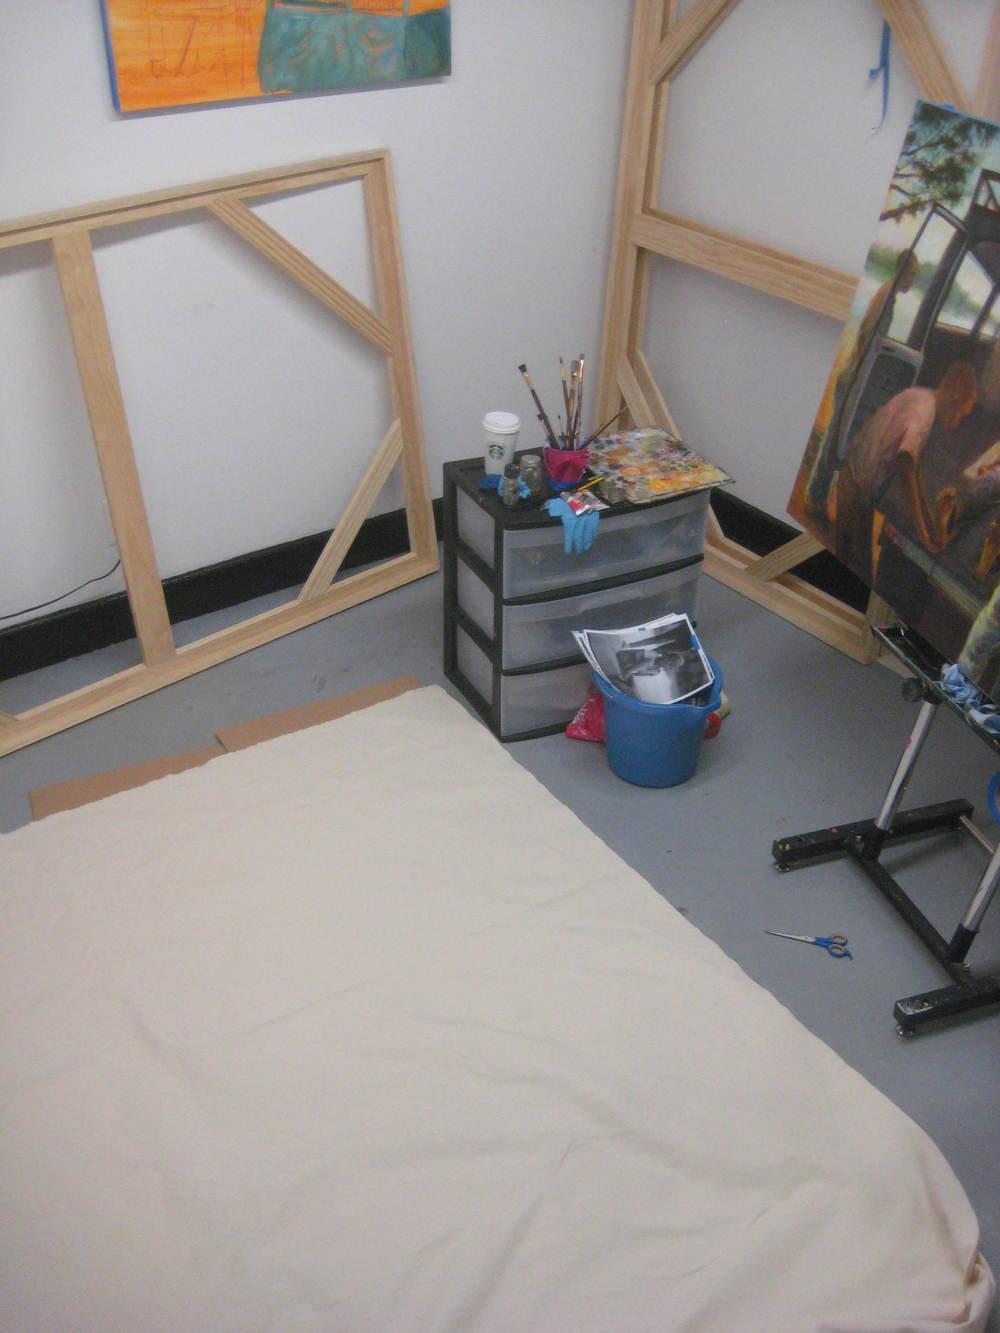 Artist's studio on 3/14/2016